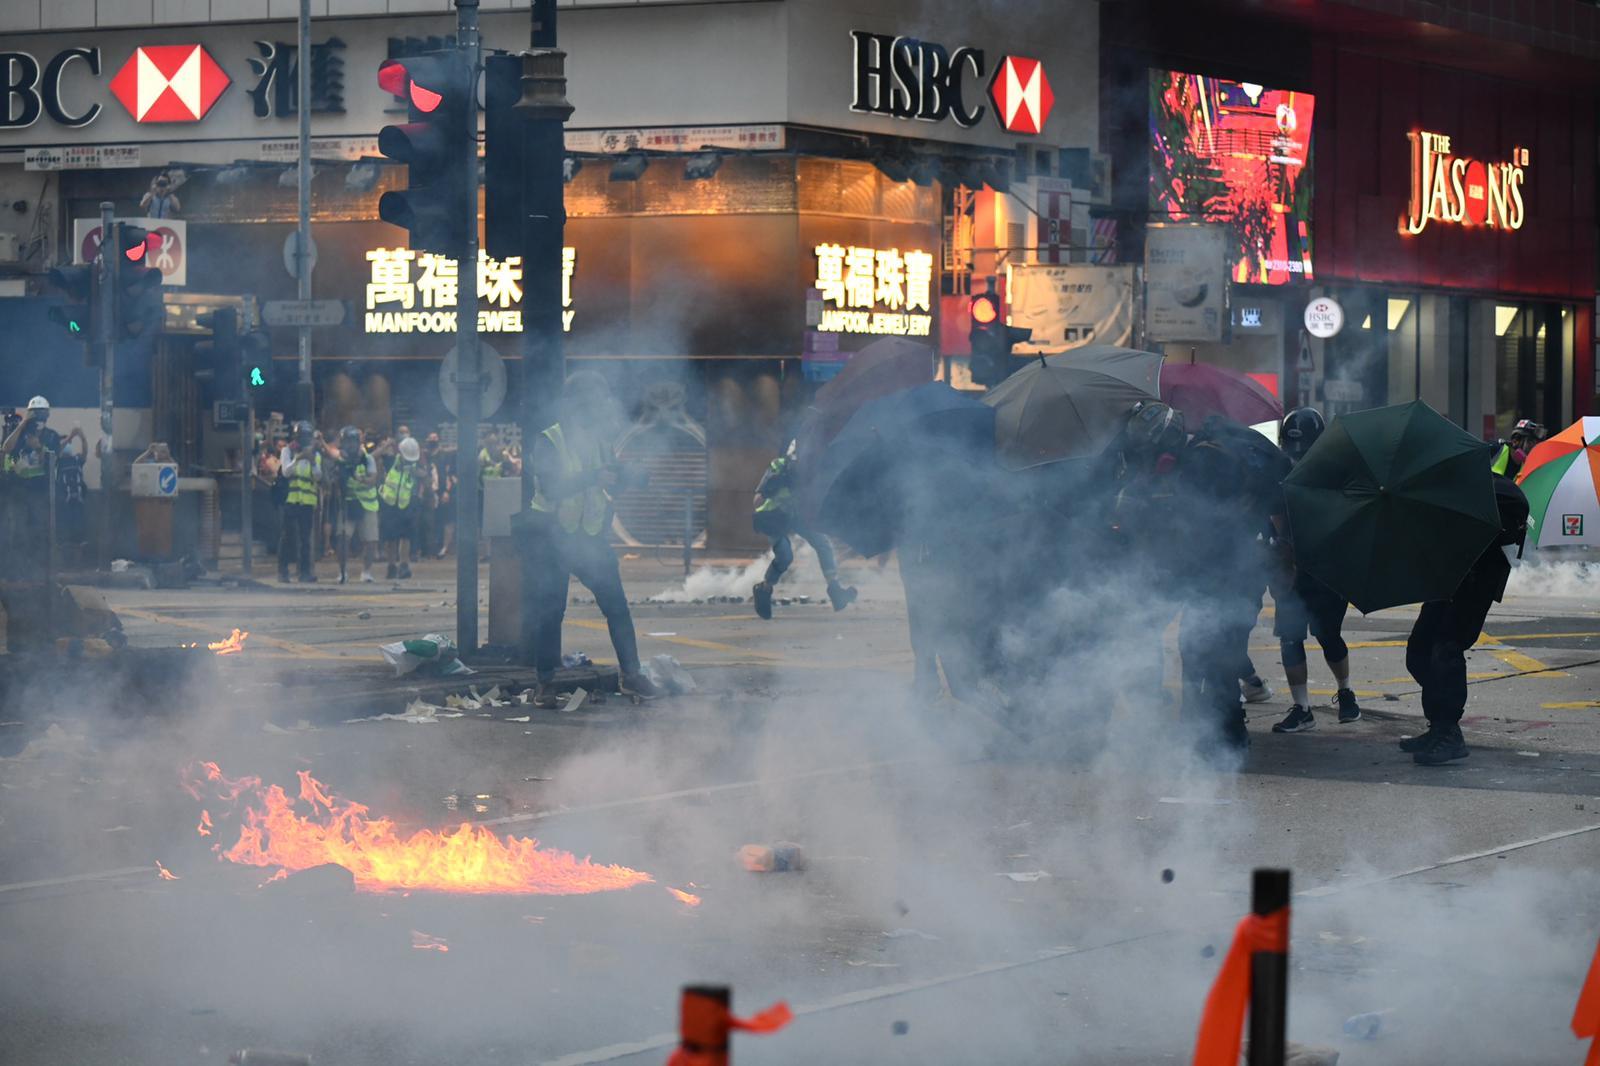 【修例风波】弥敦道示威者伞阵进攻掷火弹 警方制服多人